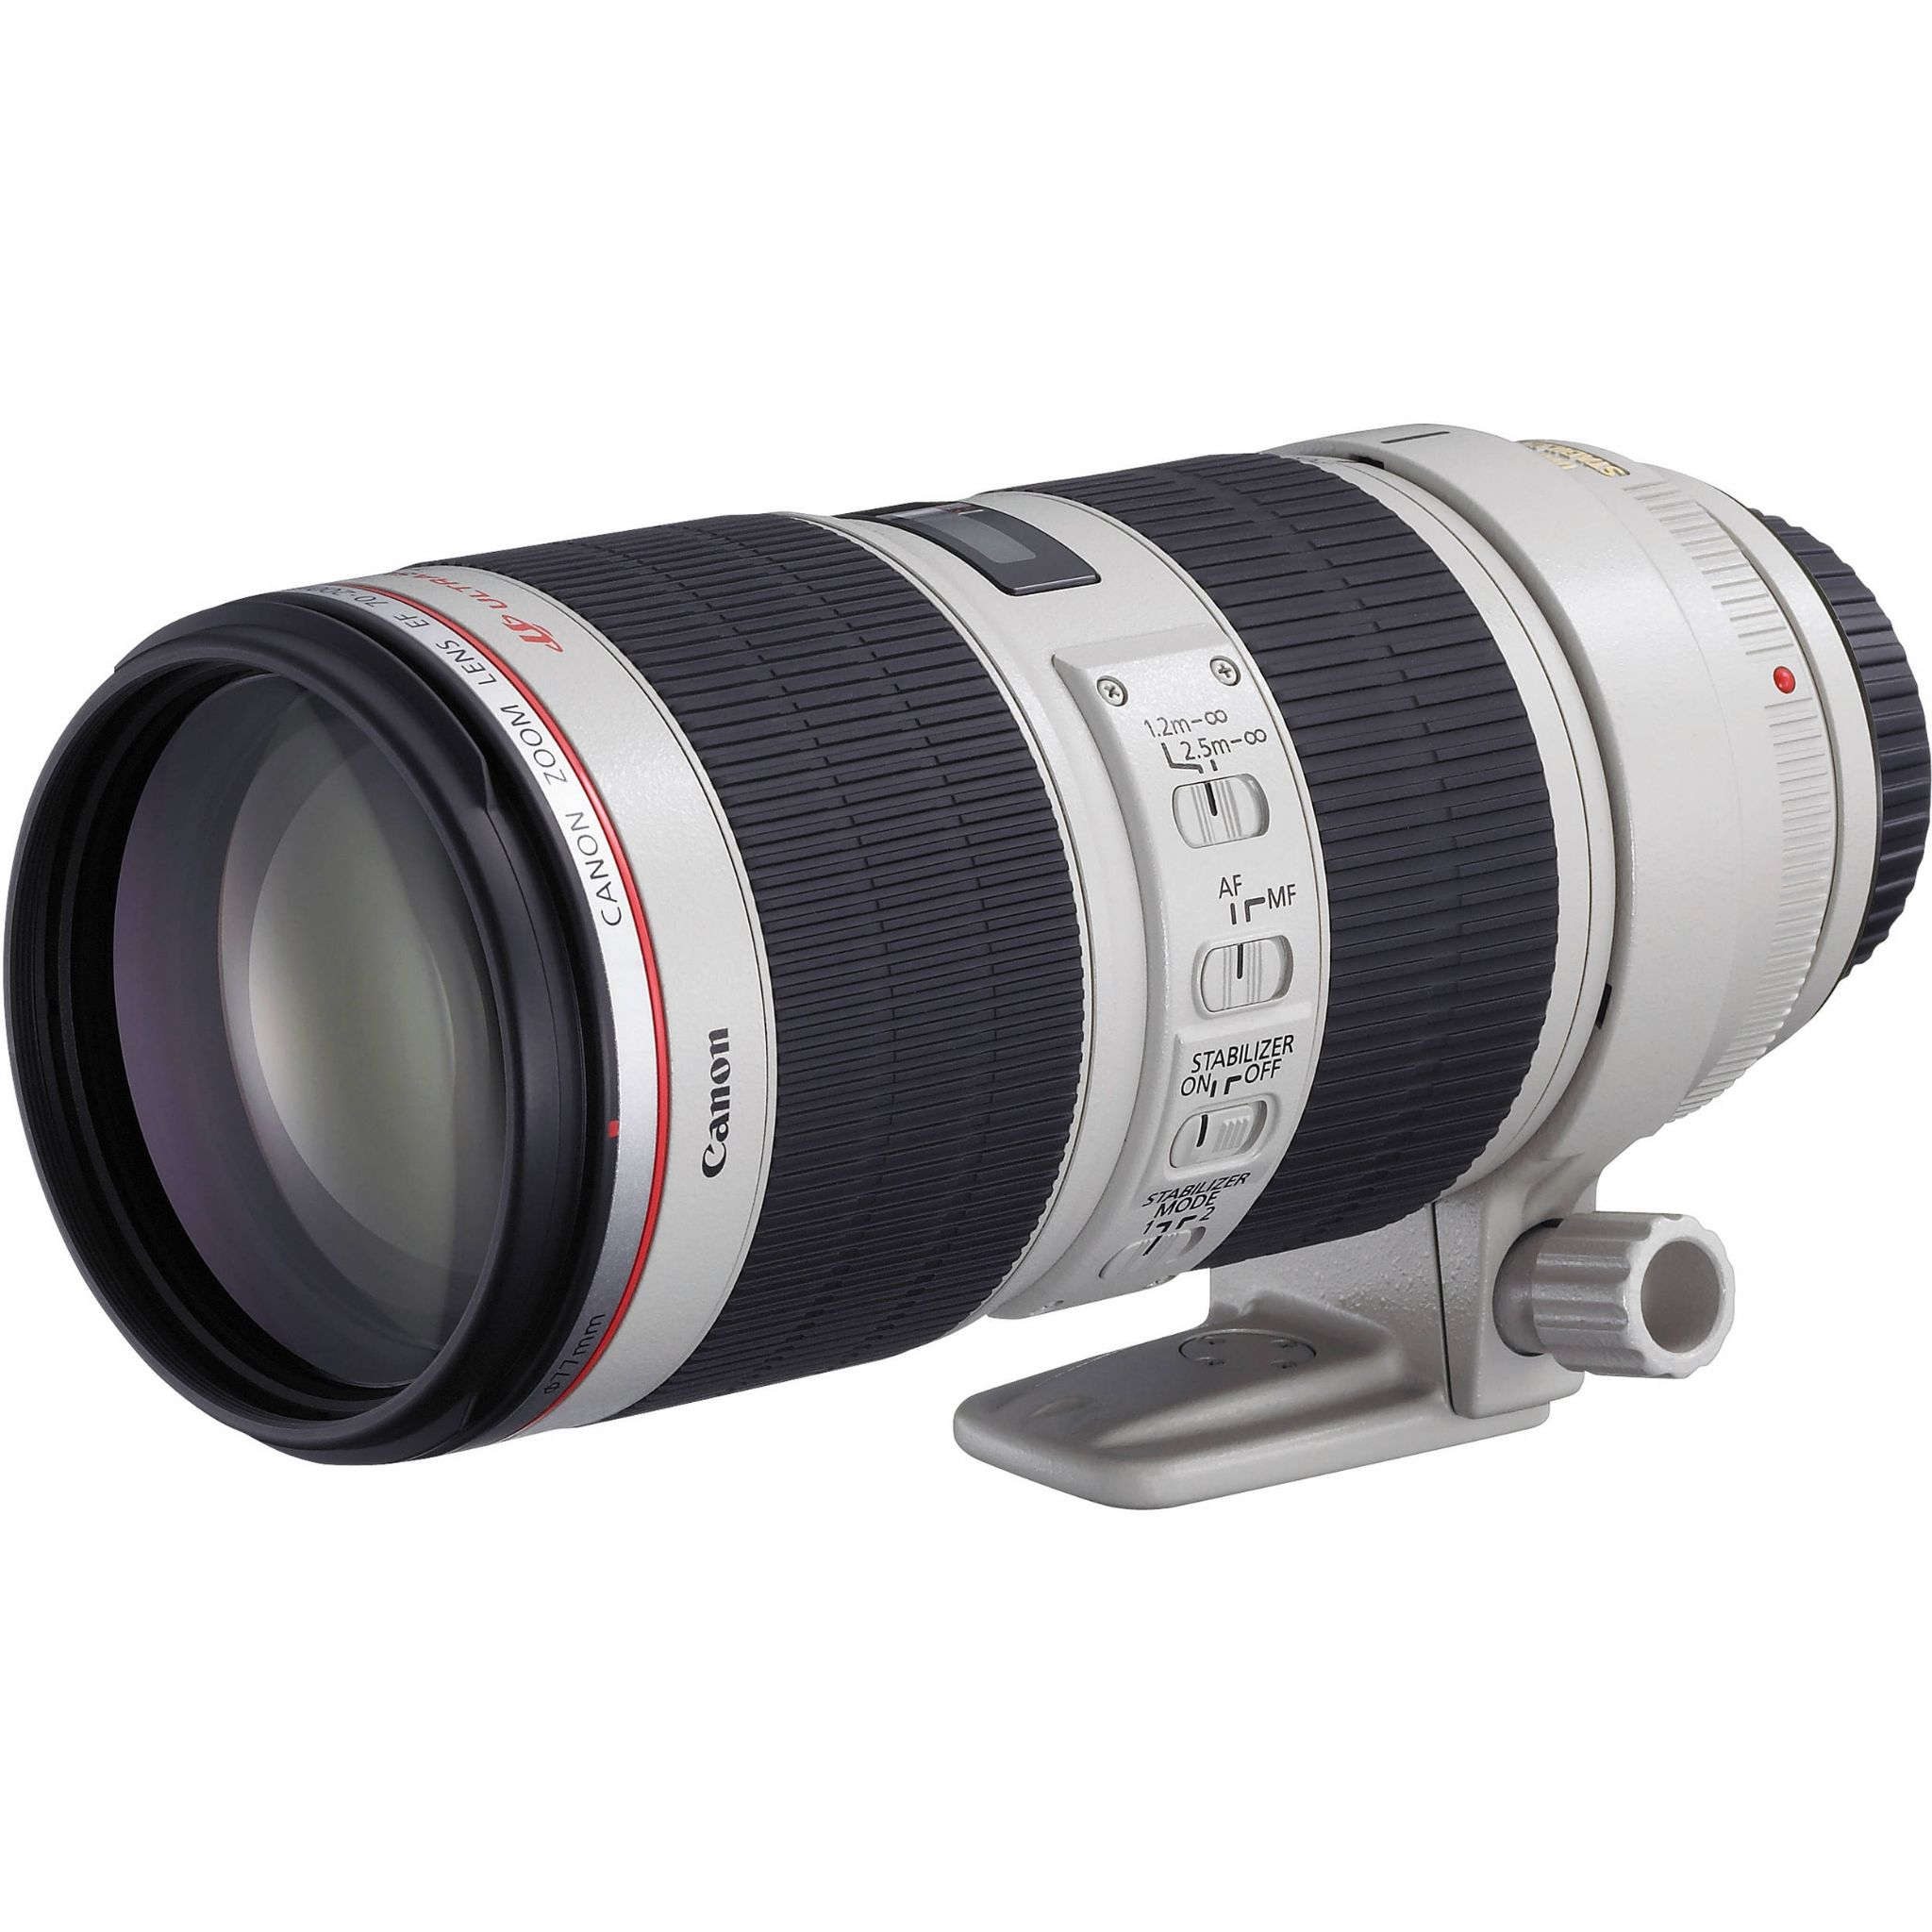 Canon EF 70-200mm IS f2.8 L mk II